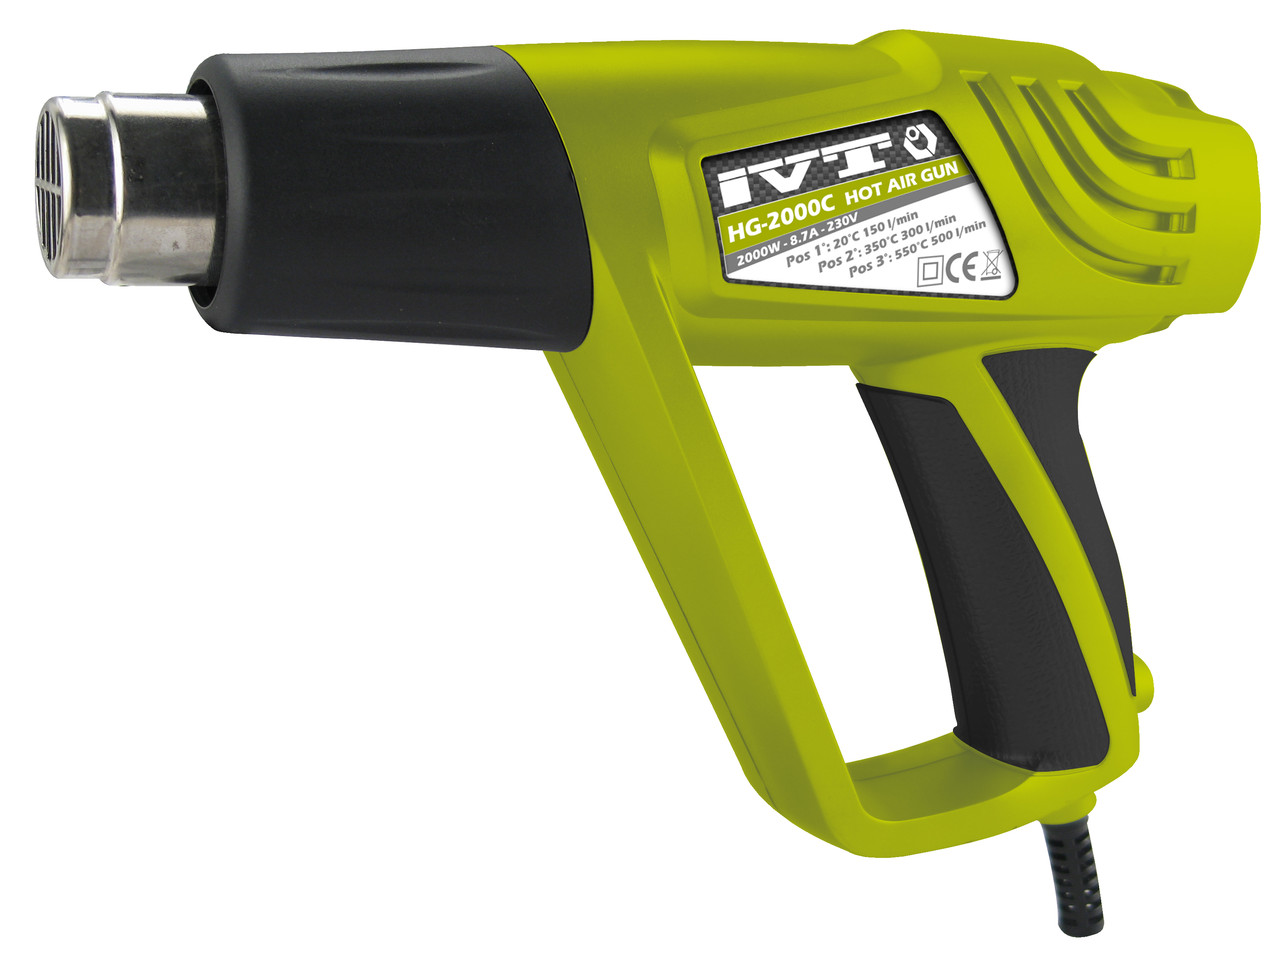 Промышленный (технический) фен IVT HG-2000C